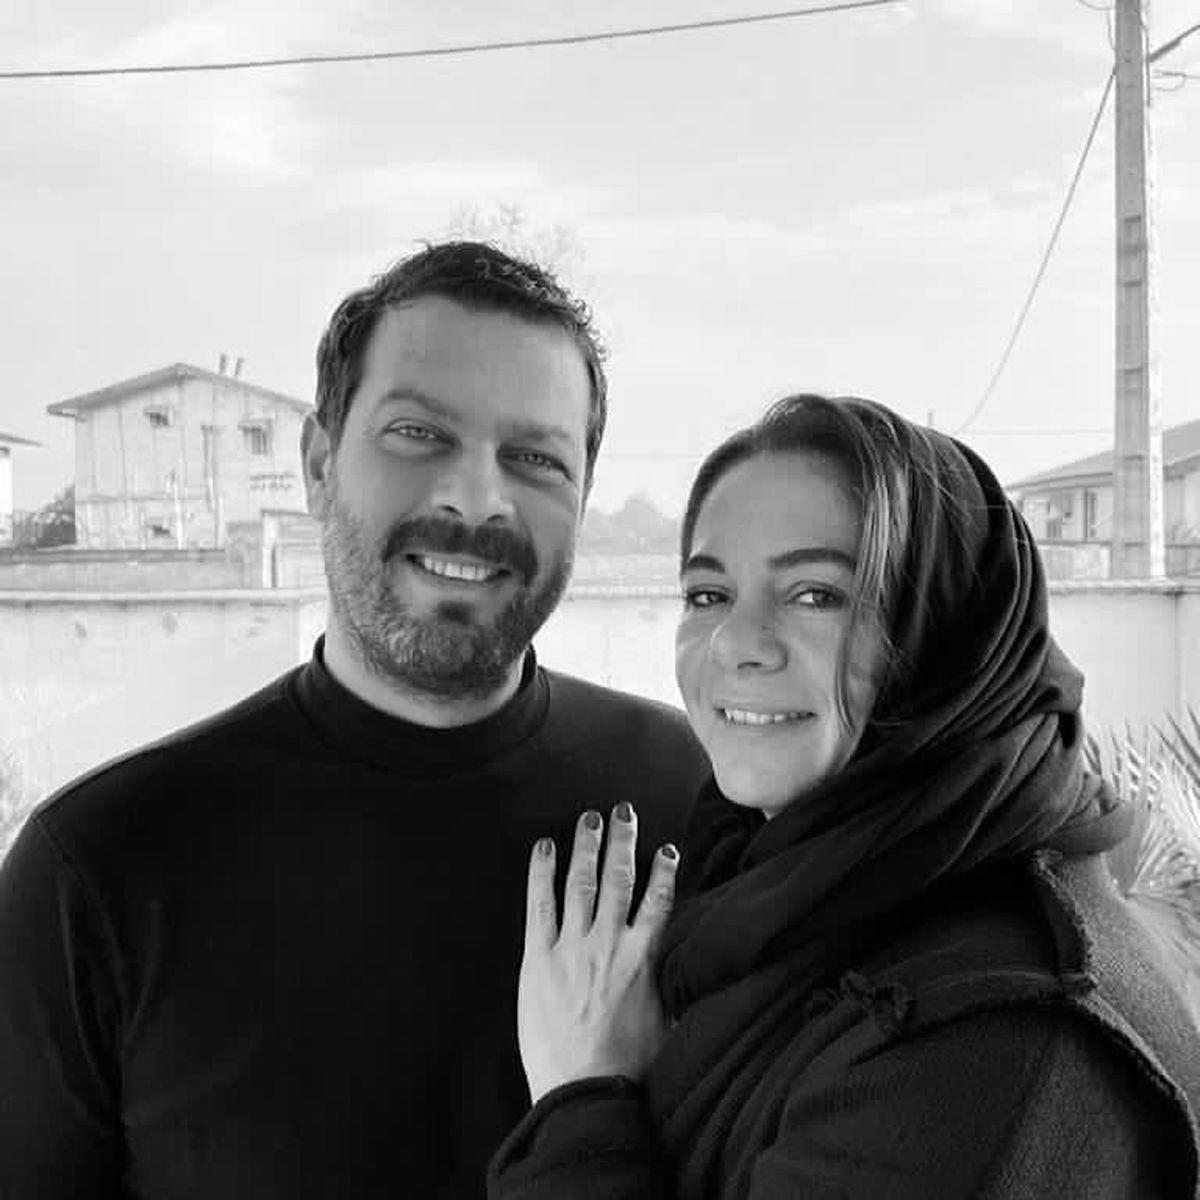 پژمان بازغی و همسرش در آغوش یکدیگر + عکس عاشقانه